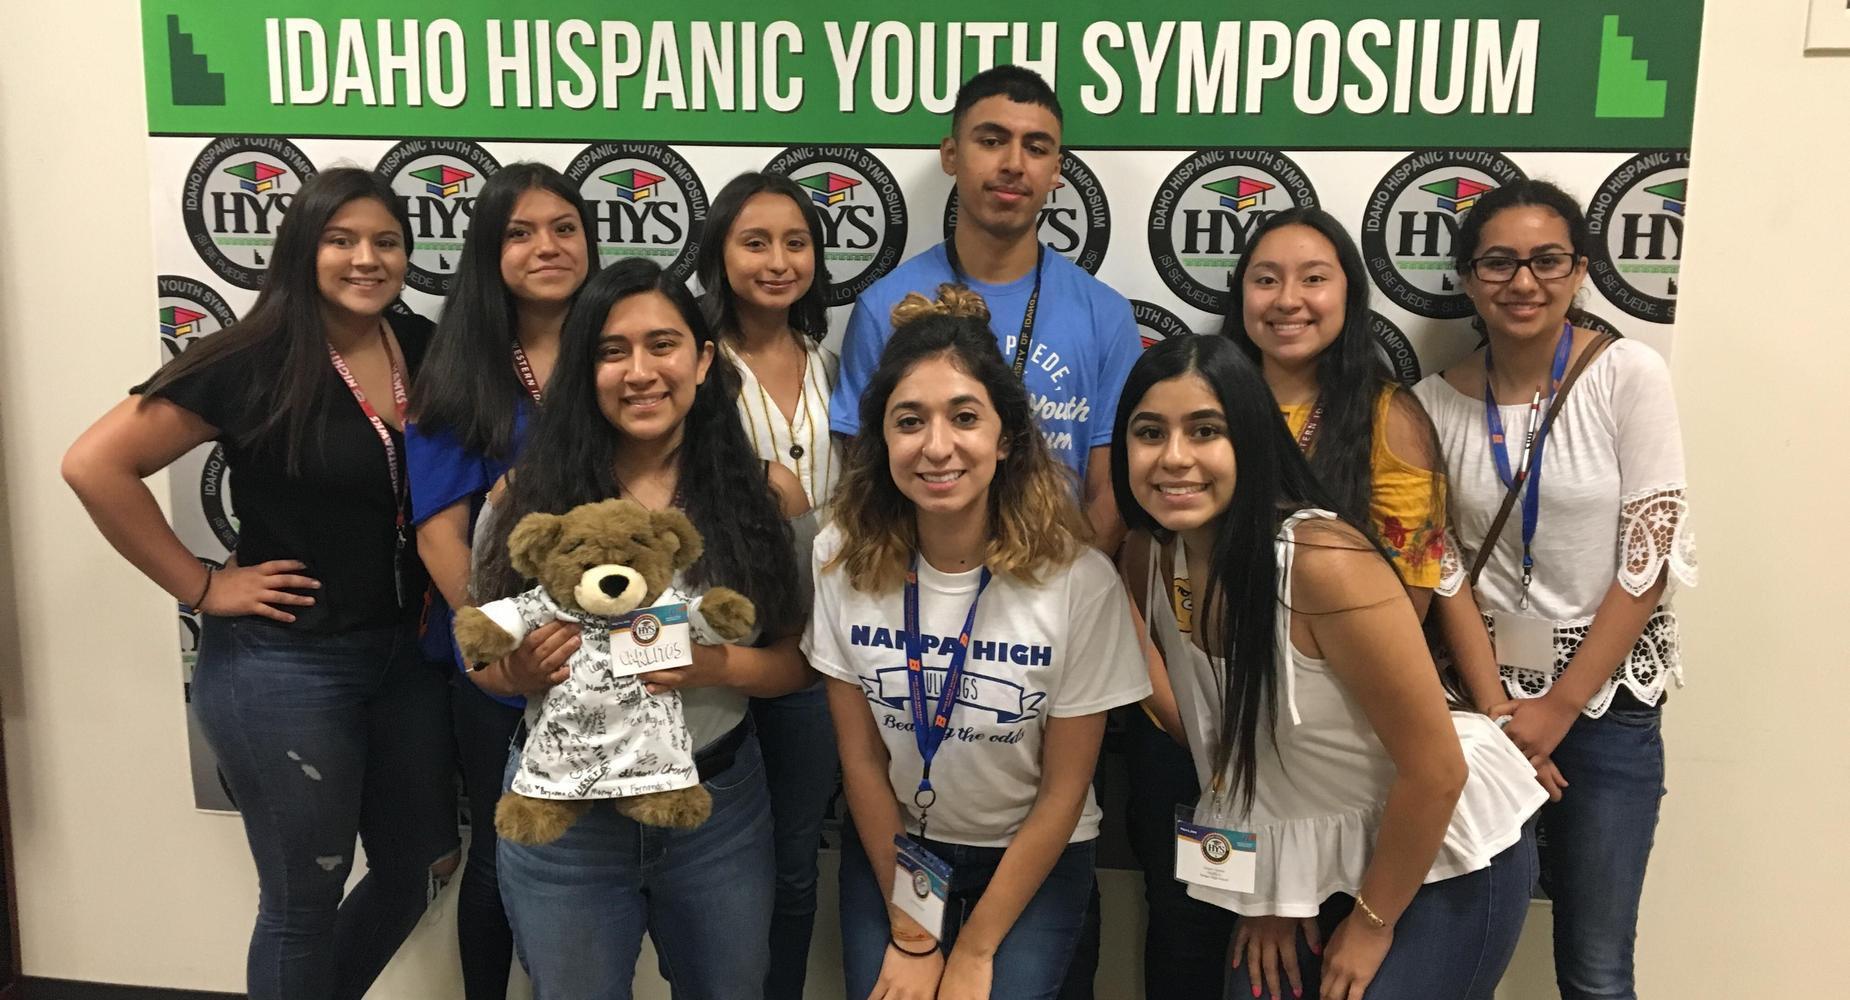 Idaho Youth Hispanic Symposium